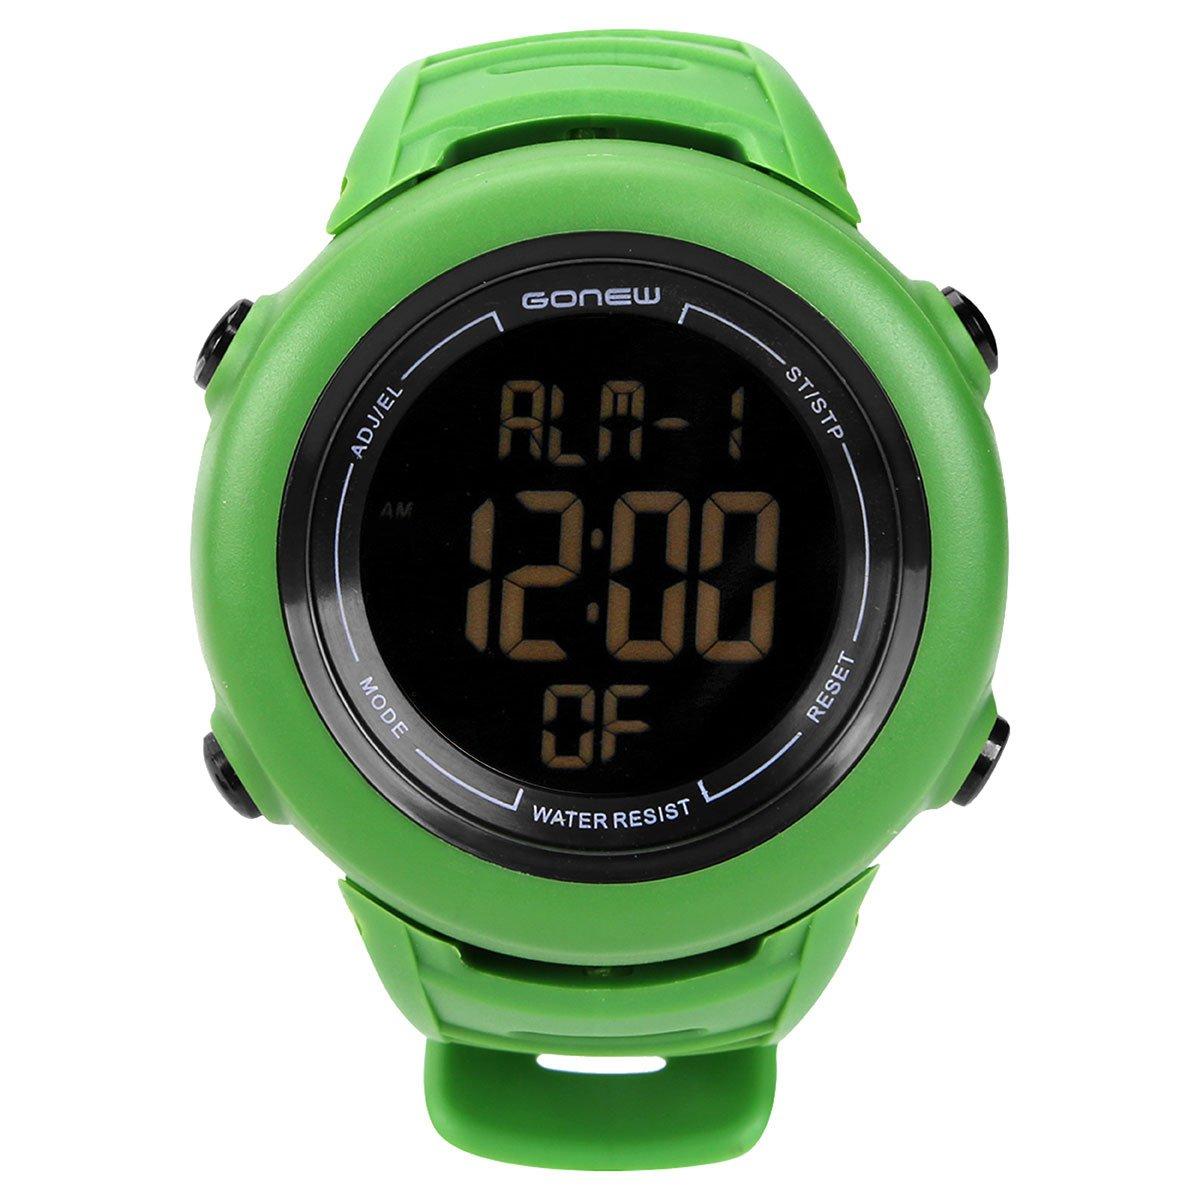 590d381fa94 Relógio para Corrida Gonew Energy 2